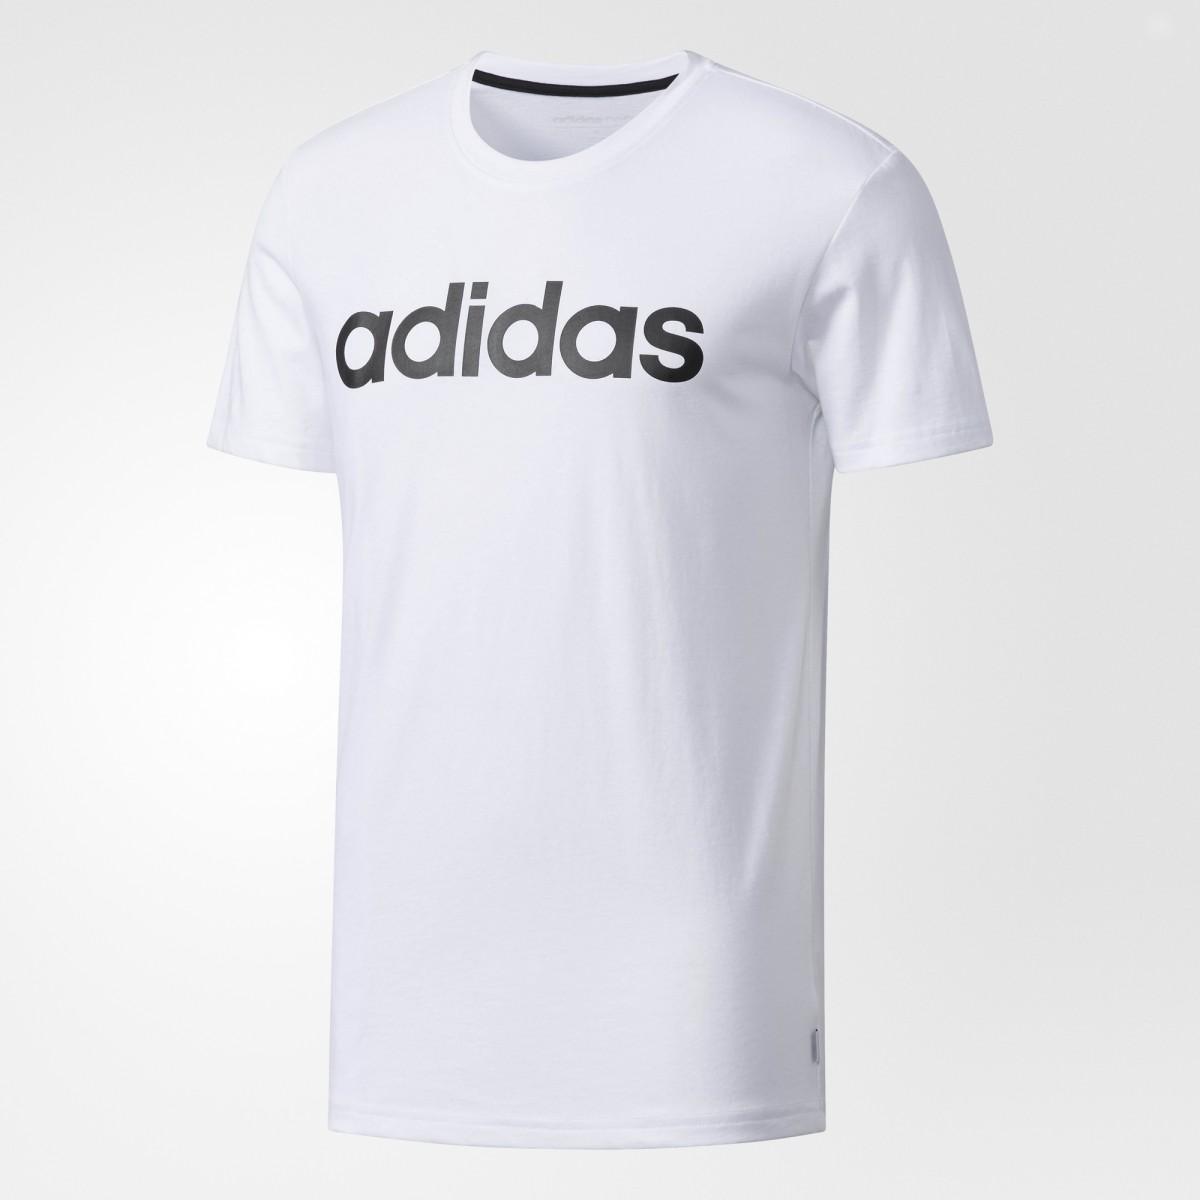 Adidas Afa H Jsy G74569 Biru Putih Daftar Update Harga Terbaru Dan Adh9072 Jam Tangan Kaos Olahraga Adineo Ce Ss Tee Cd3177